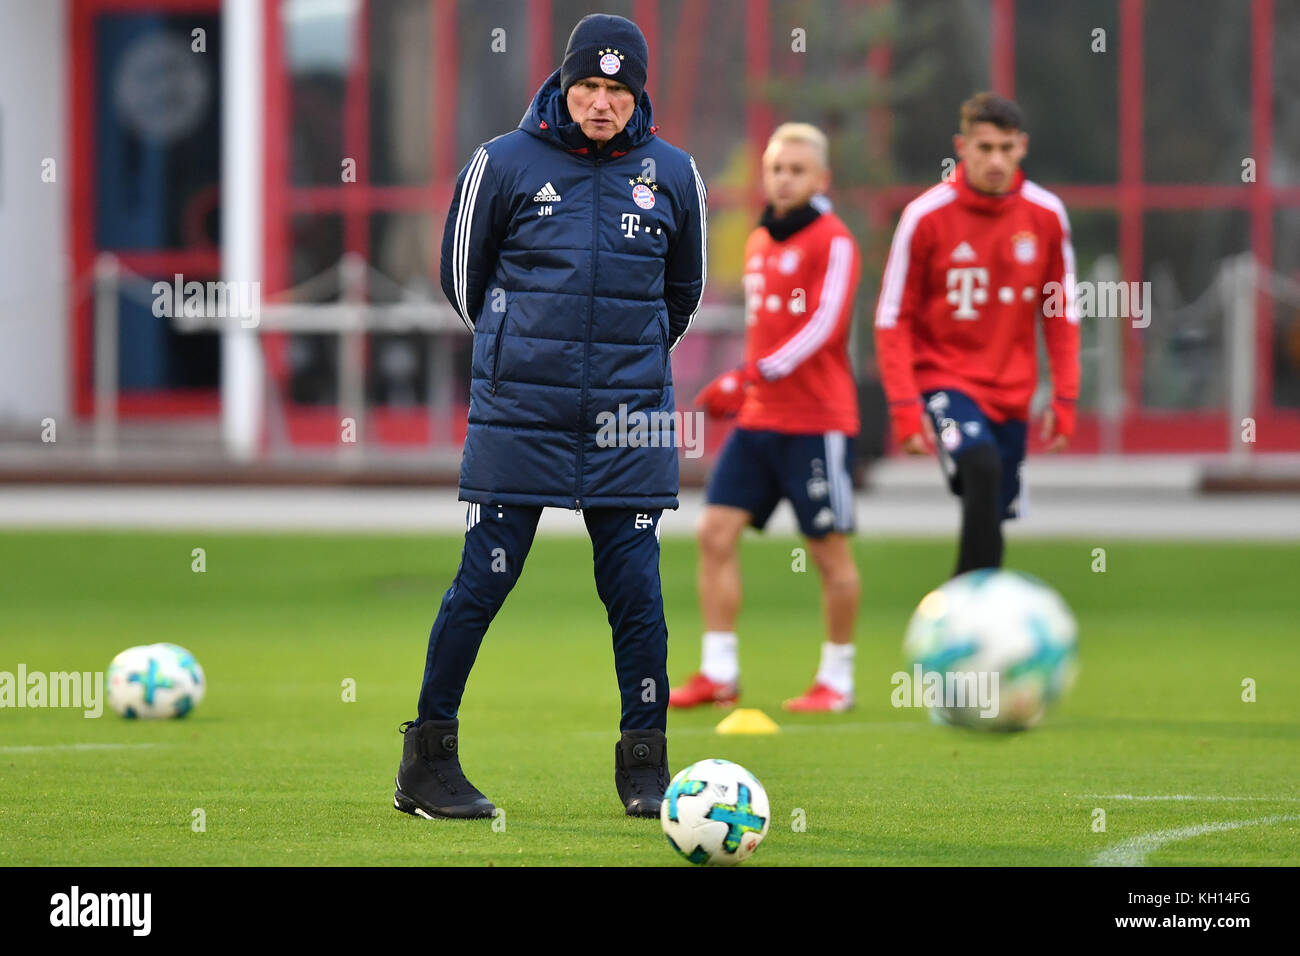 Jupp HEYNCKES (Trainer FC Bayern Munich), Einzelbild, Freisteller,Ganzkoerperaufnahme, ganze Figur.  Training FC - Stock Image